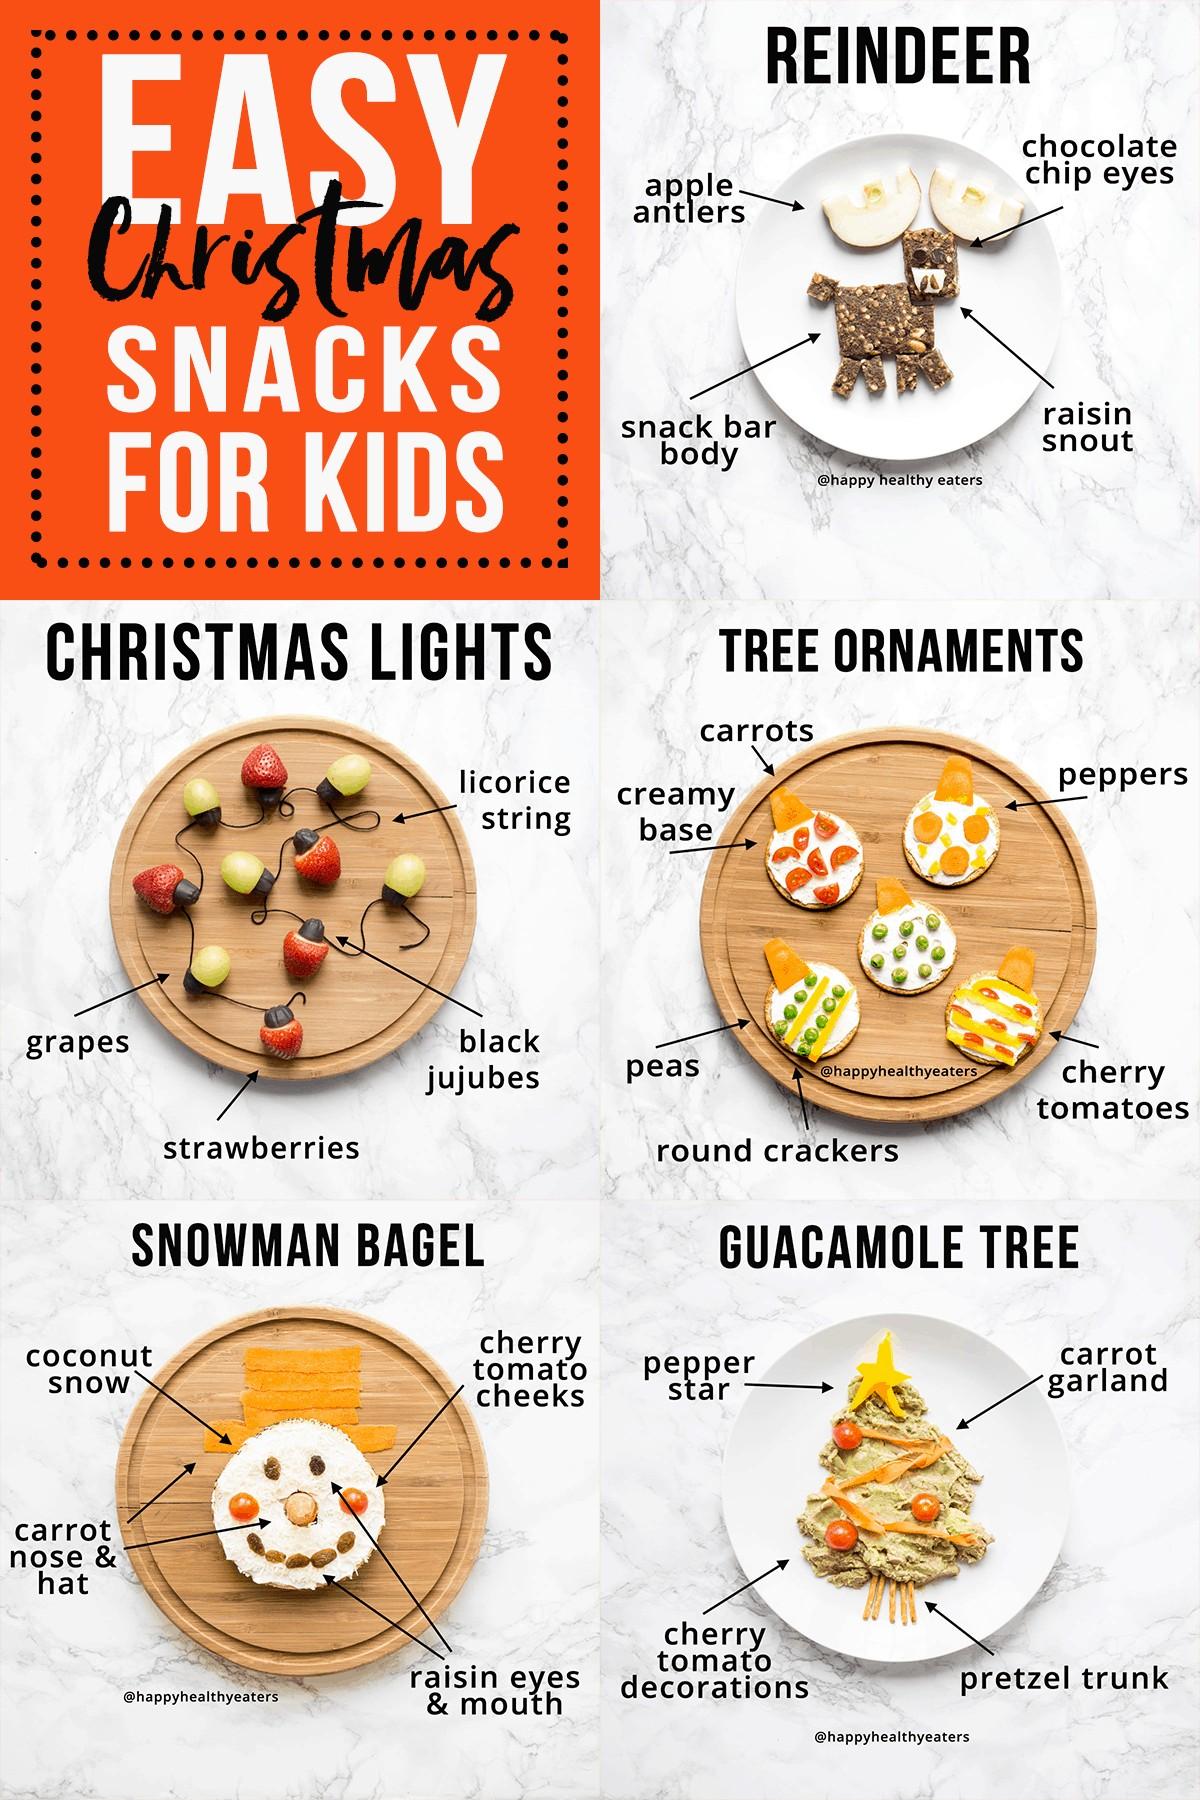 Easy Christmas Snacks for Kids #snacks #christmas #healthychristmas #healthysnacks